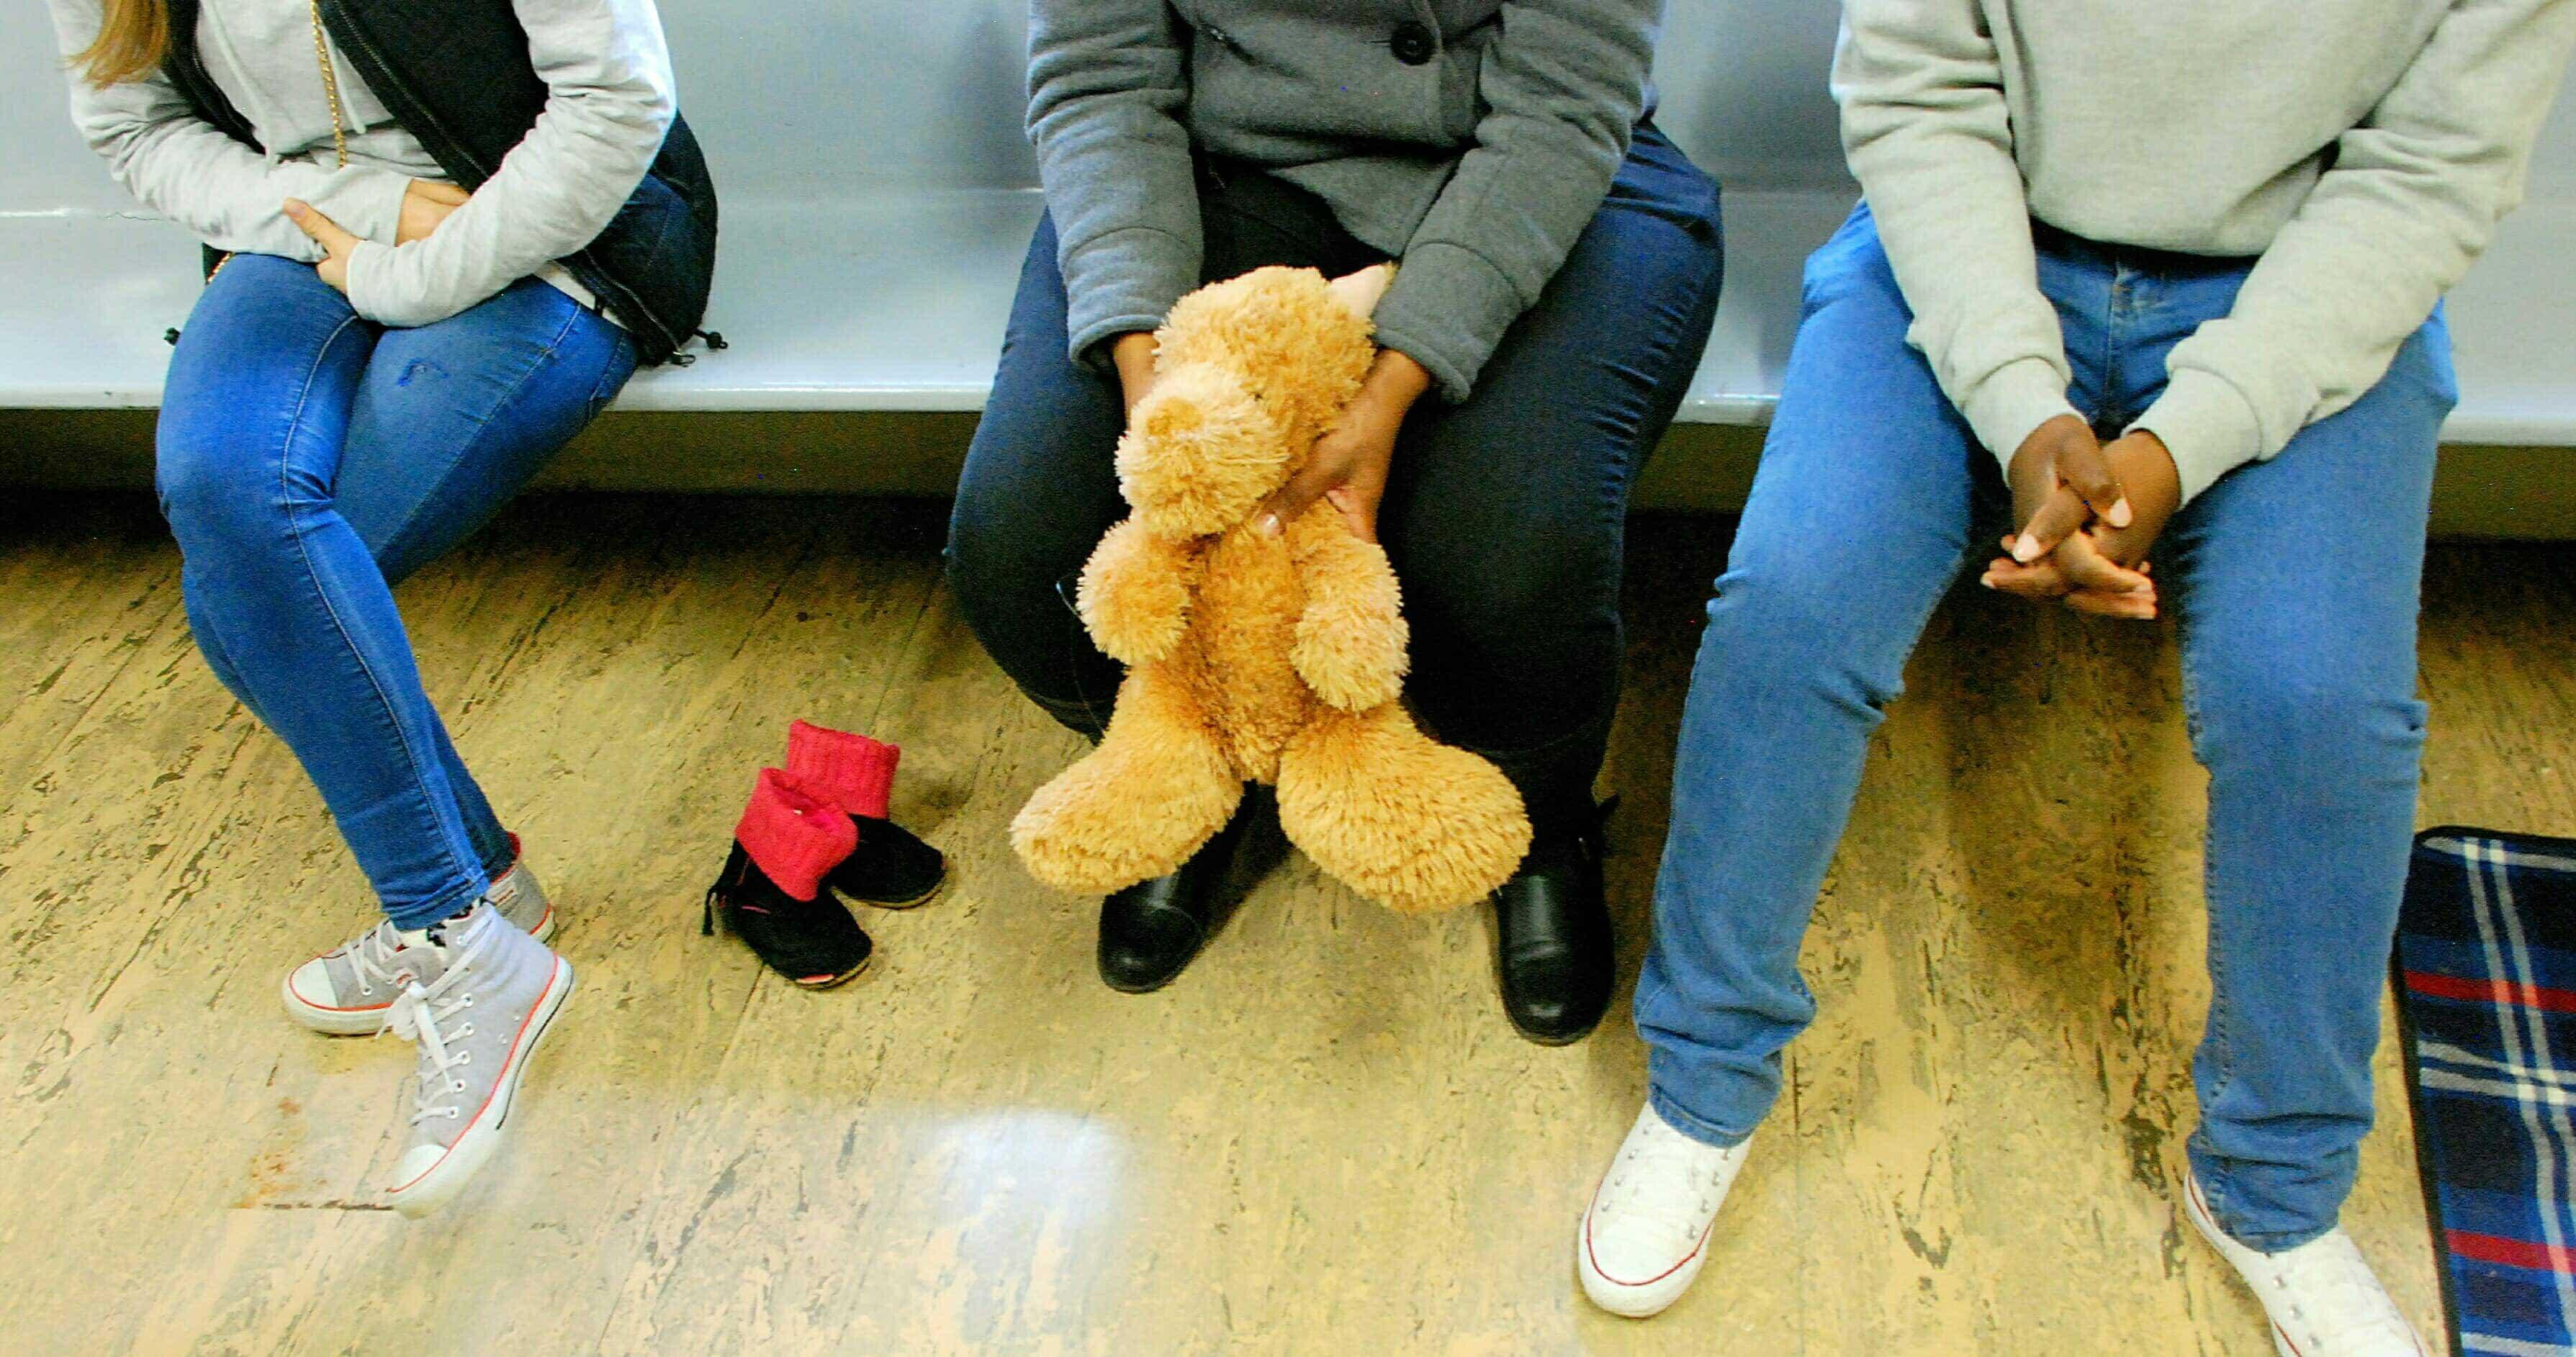 Woman holding teddy bear